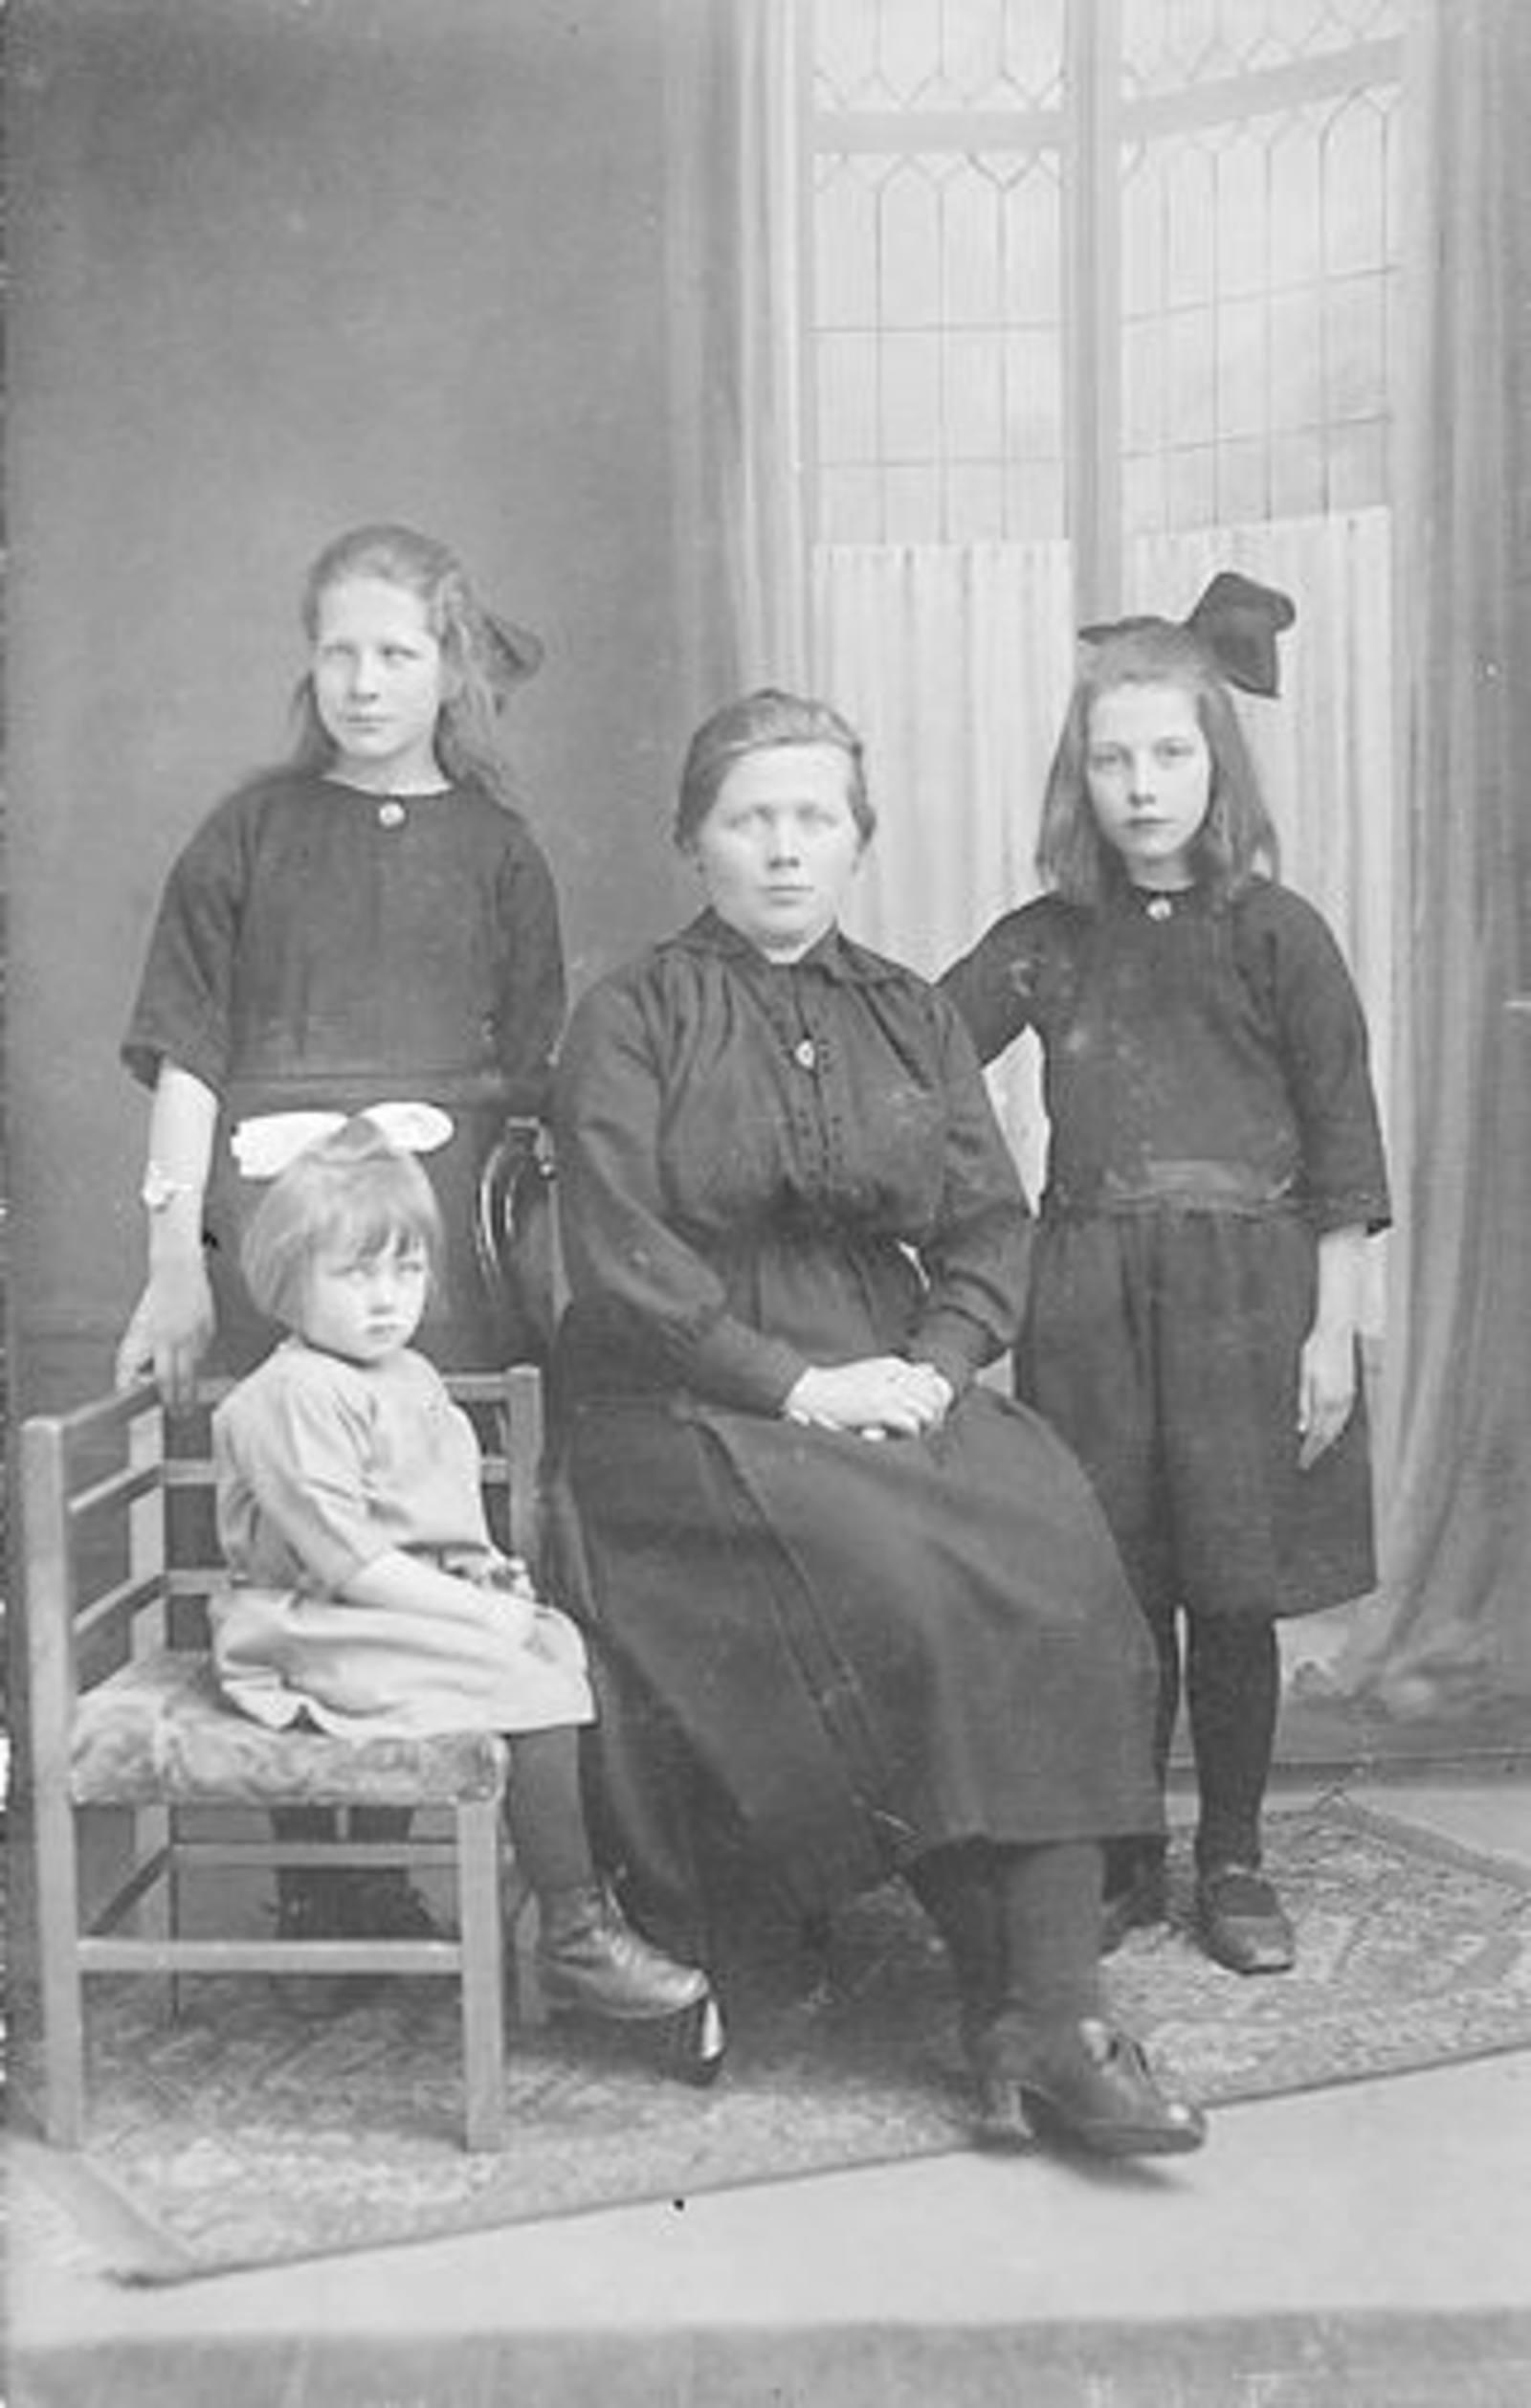 Koning Bep de 1919 1923± bij Fotograaf met moeder en tantes Tichelaar